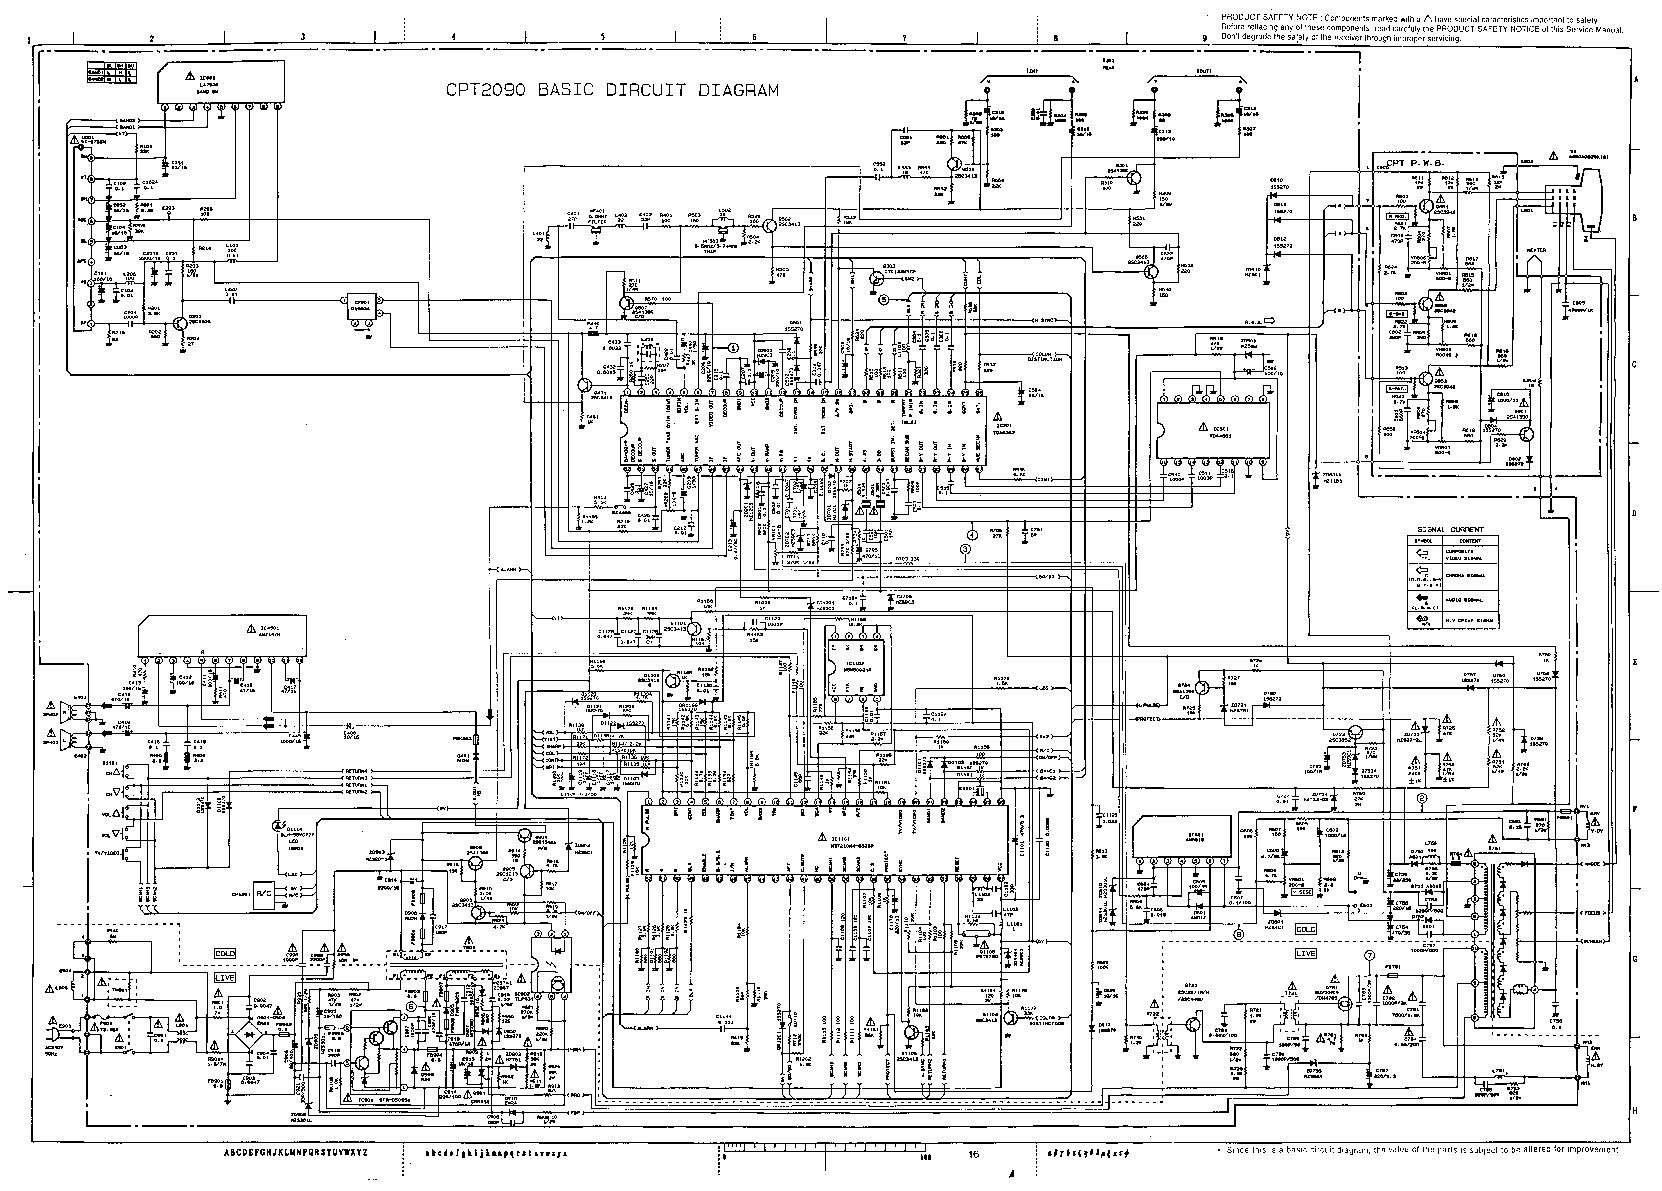 jvc tv diagram jvc free engine image for user manual. Black Bedroom Furniture Sets. Home Design Ideas